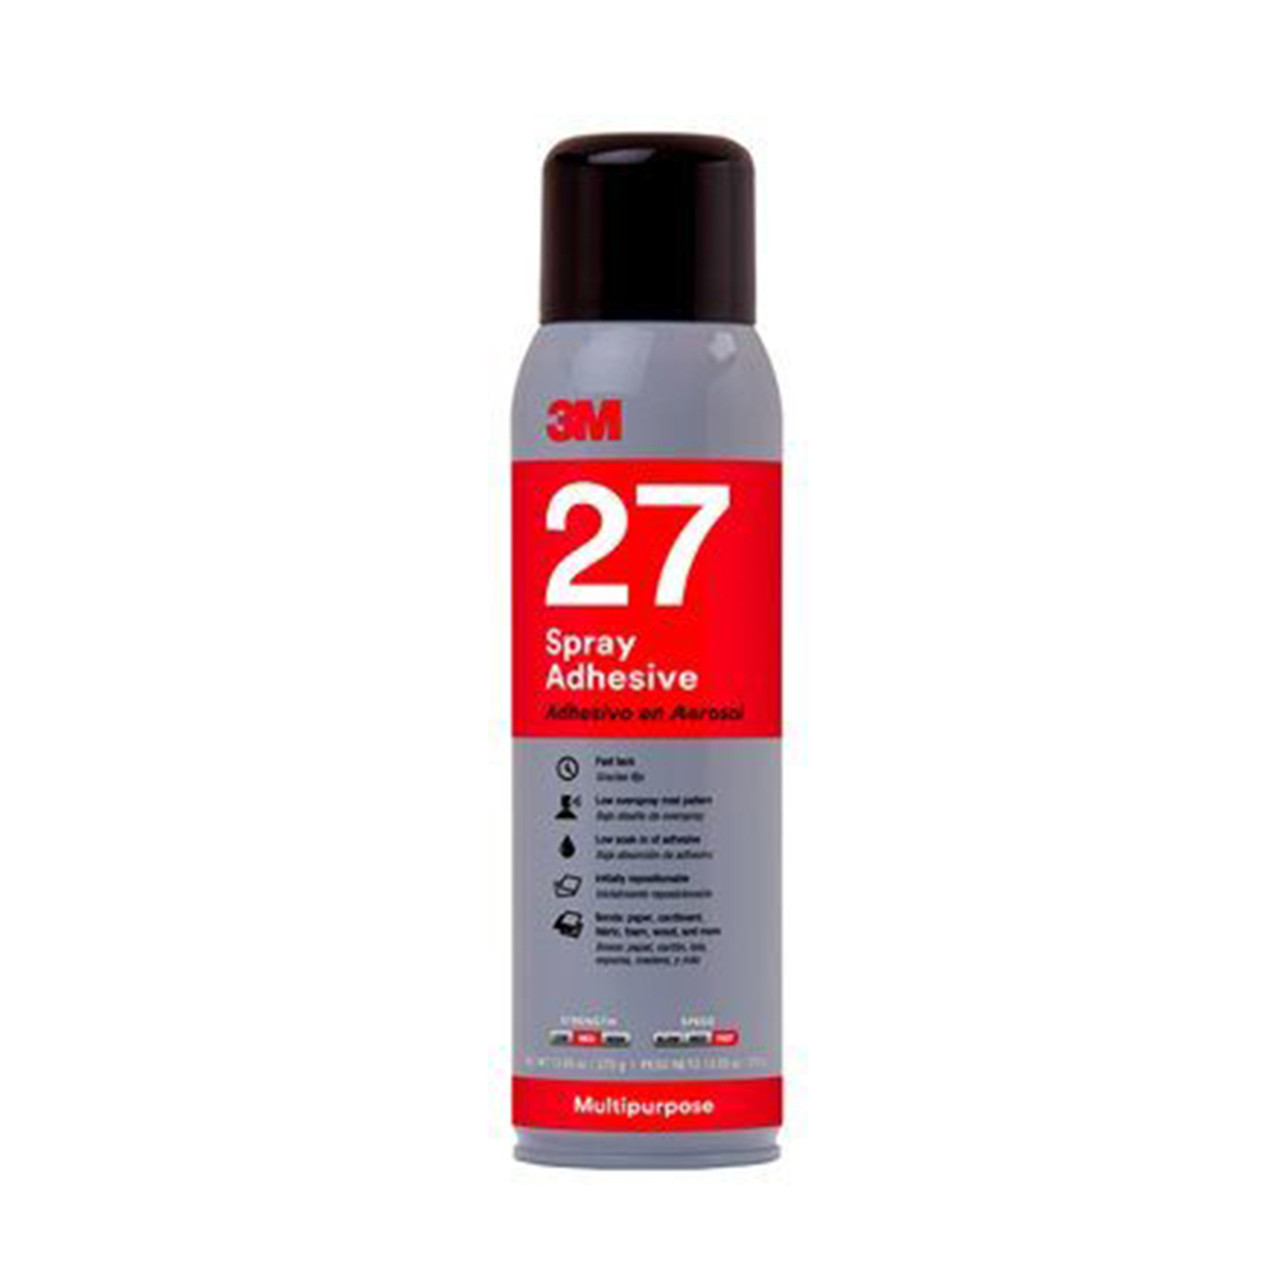 3M™ Multi-Purpose 27 Spray Adhesive 20 oz. can